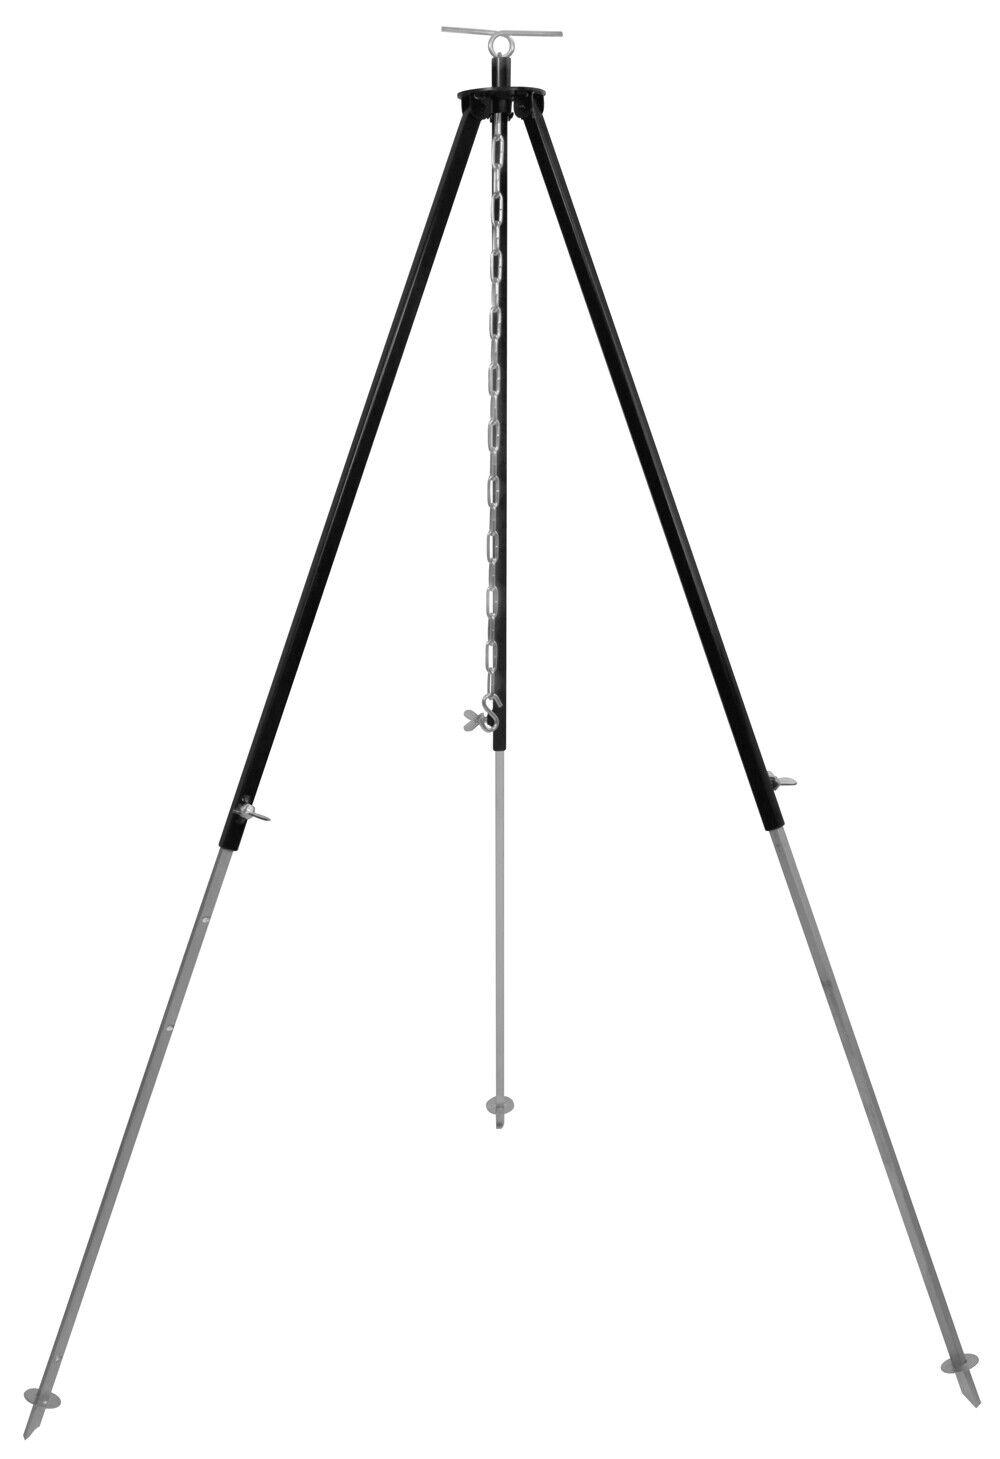 Gulaschkessel Dreibein für Schwenkgrill, Grill, Feuertopf, Dutch Oven 180 cm